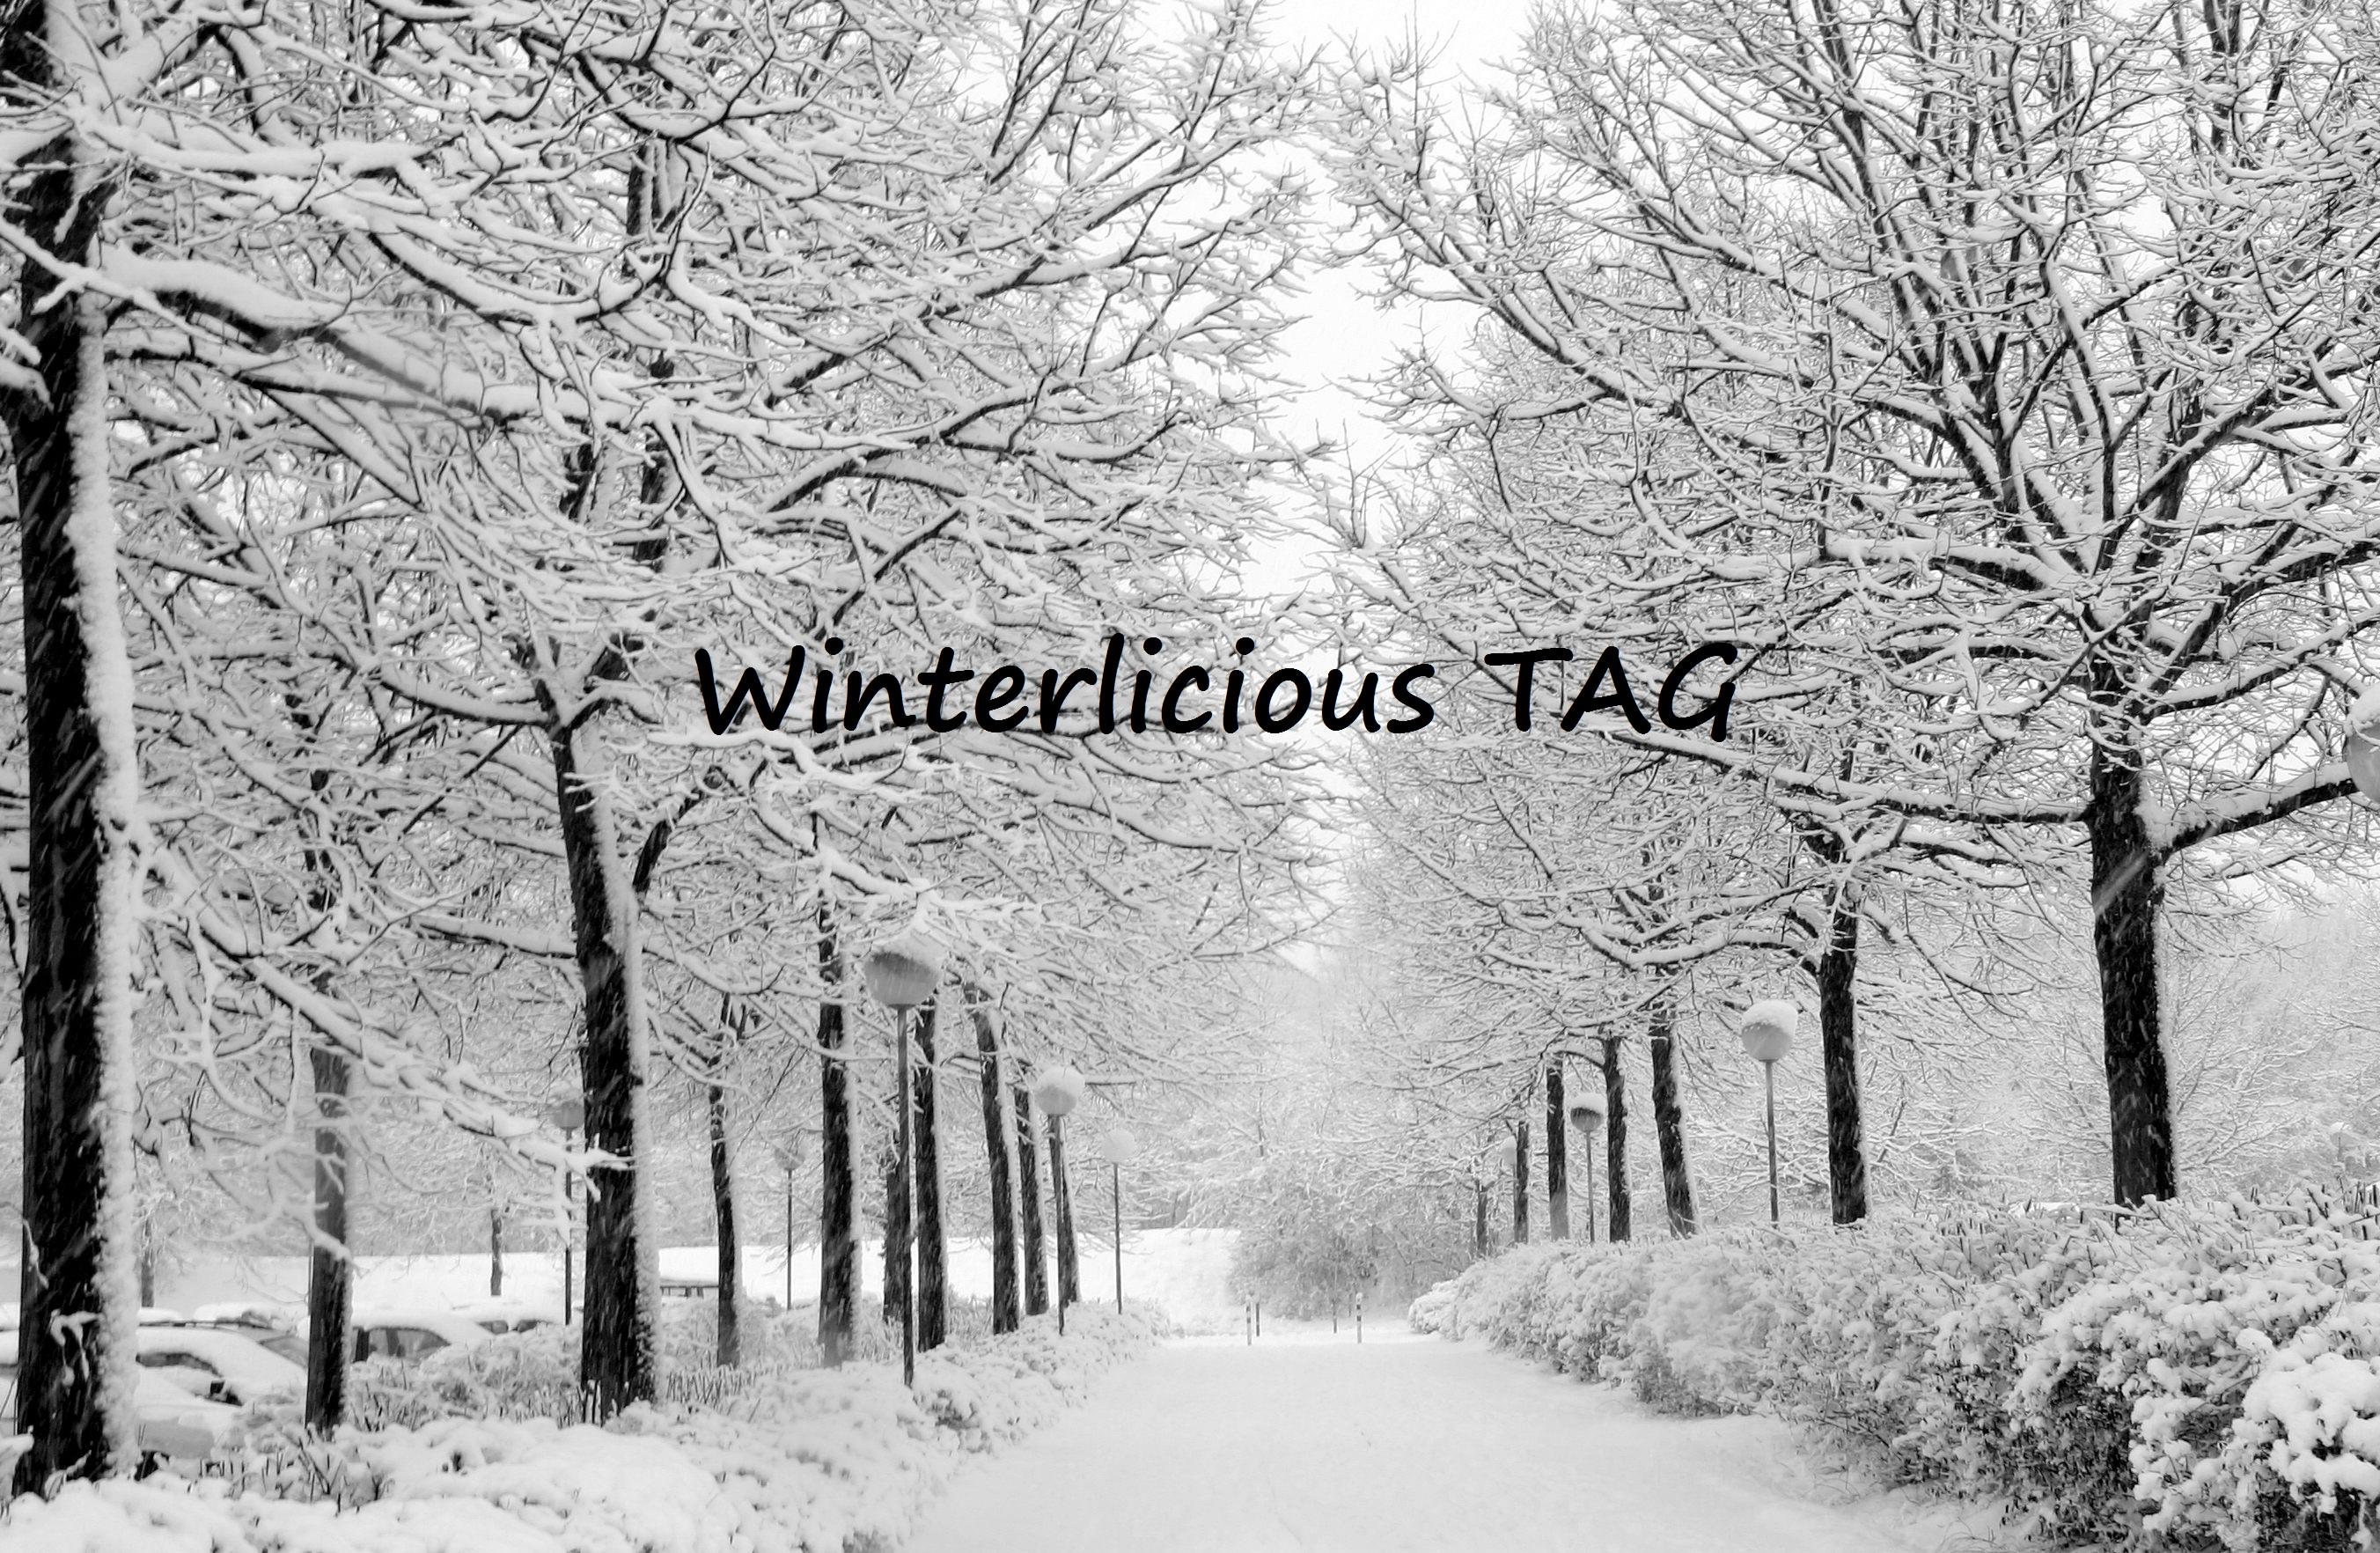 winterlicious-tag-2